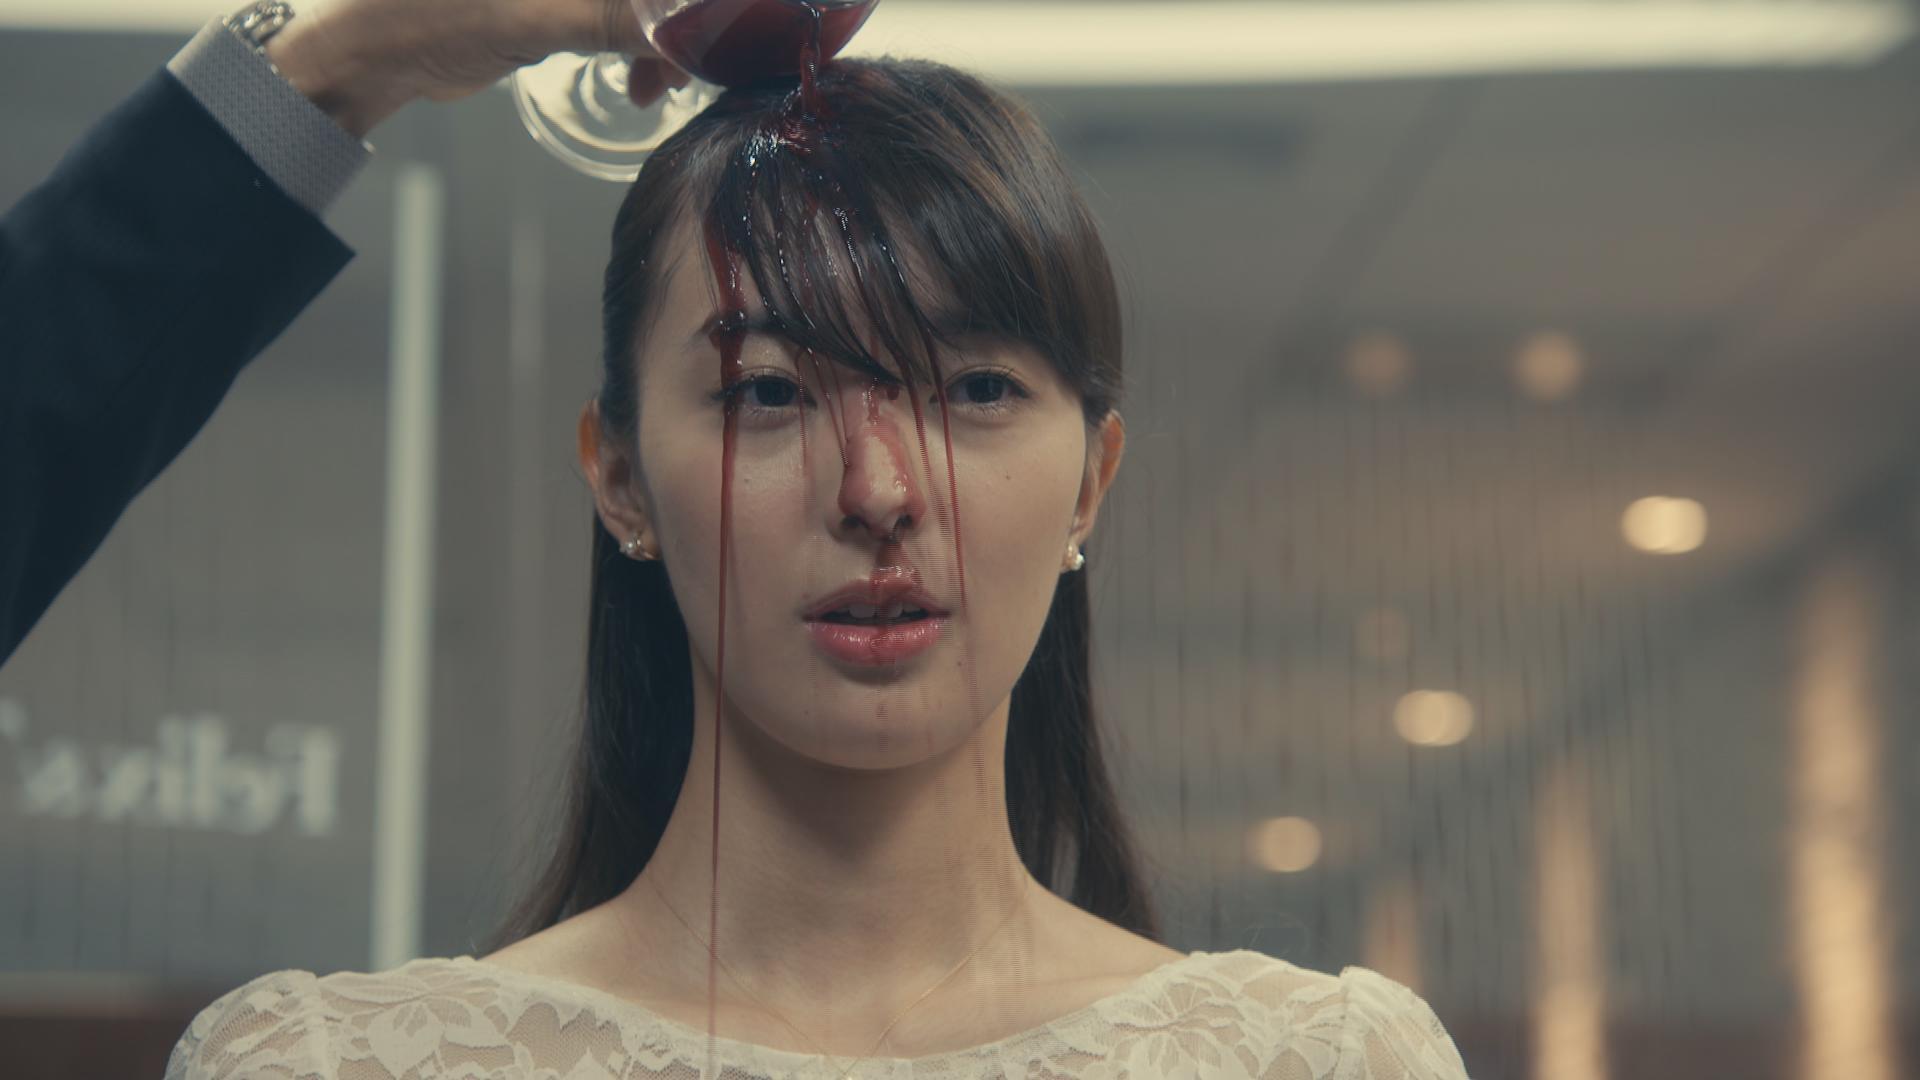 リーガルV」で女優デビューの宮本茉由、赤ワインをぶっかけられる体当たり演技に挑戦! | CanCam.jp(キャンキャン)